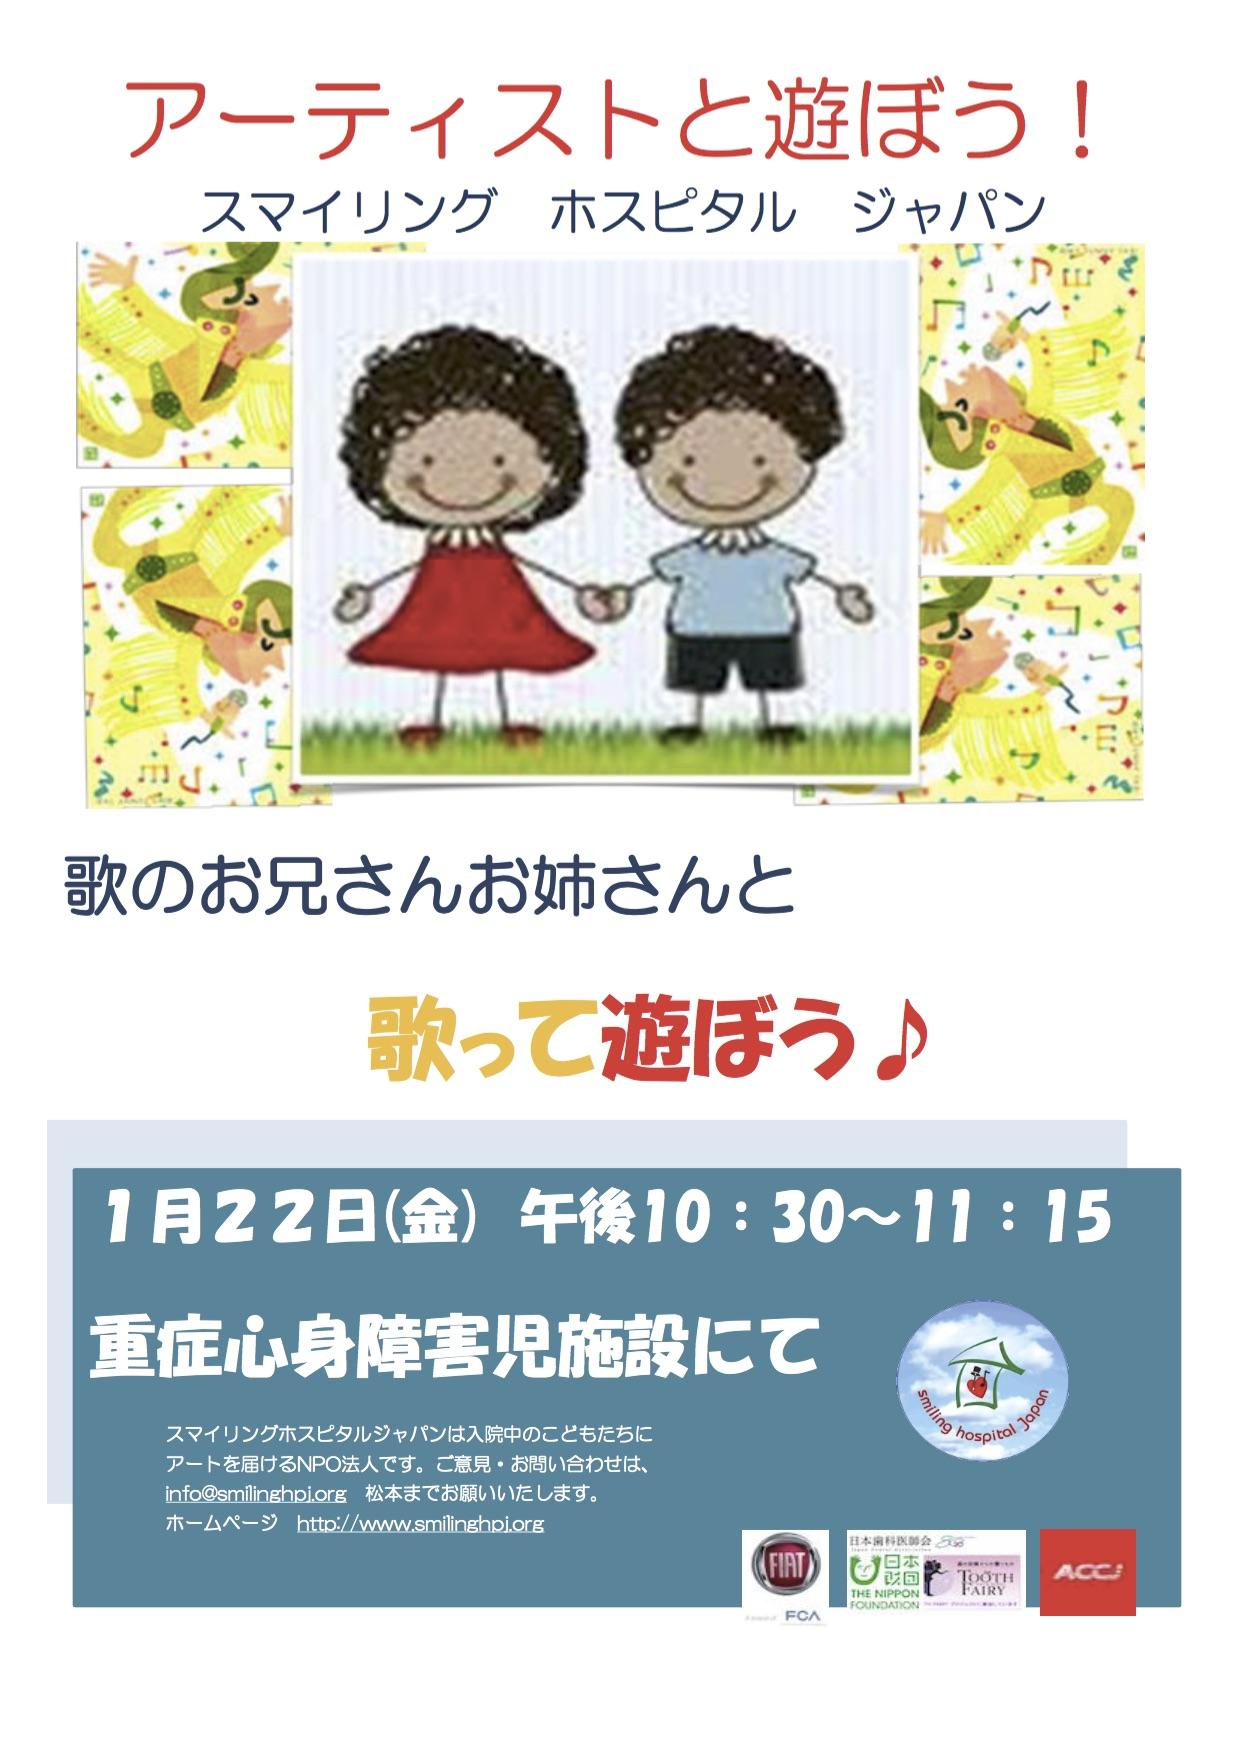 1-22kanagawa.jpg